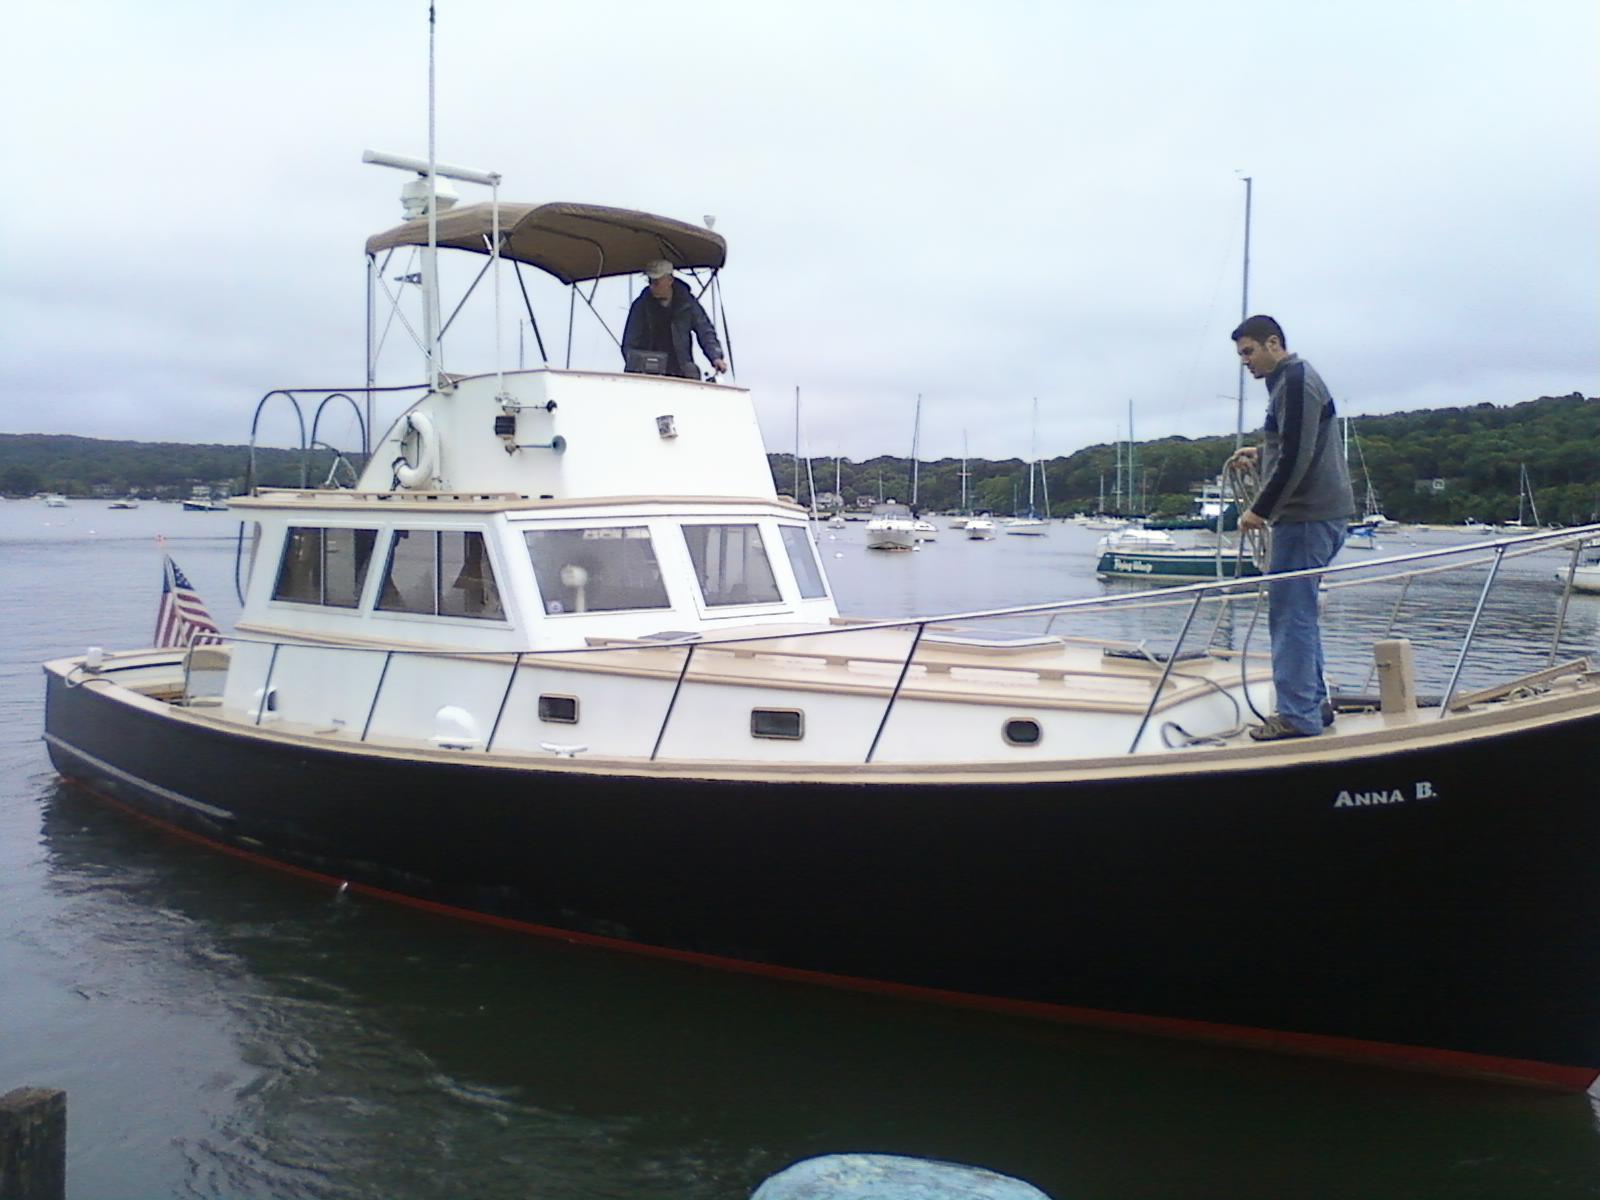 HANFFS BOATS SPORT FISHERMAN,